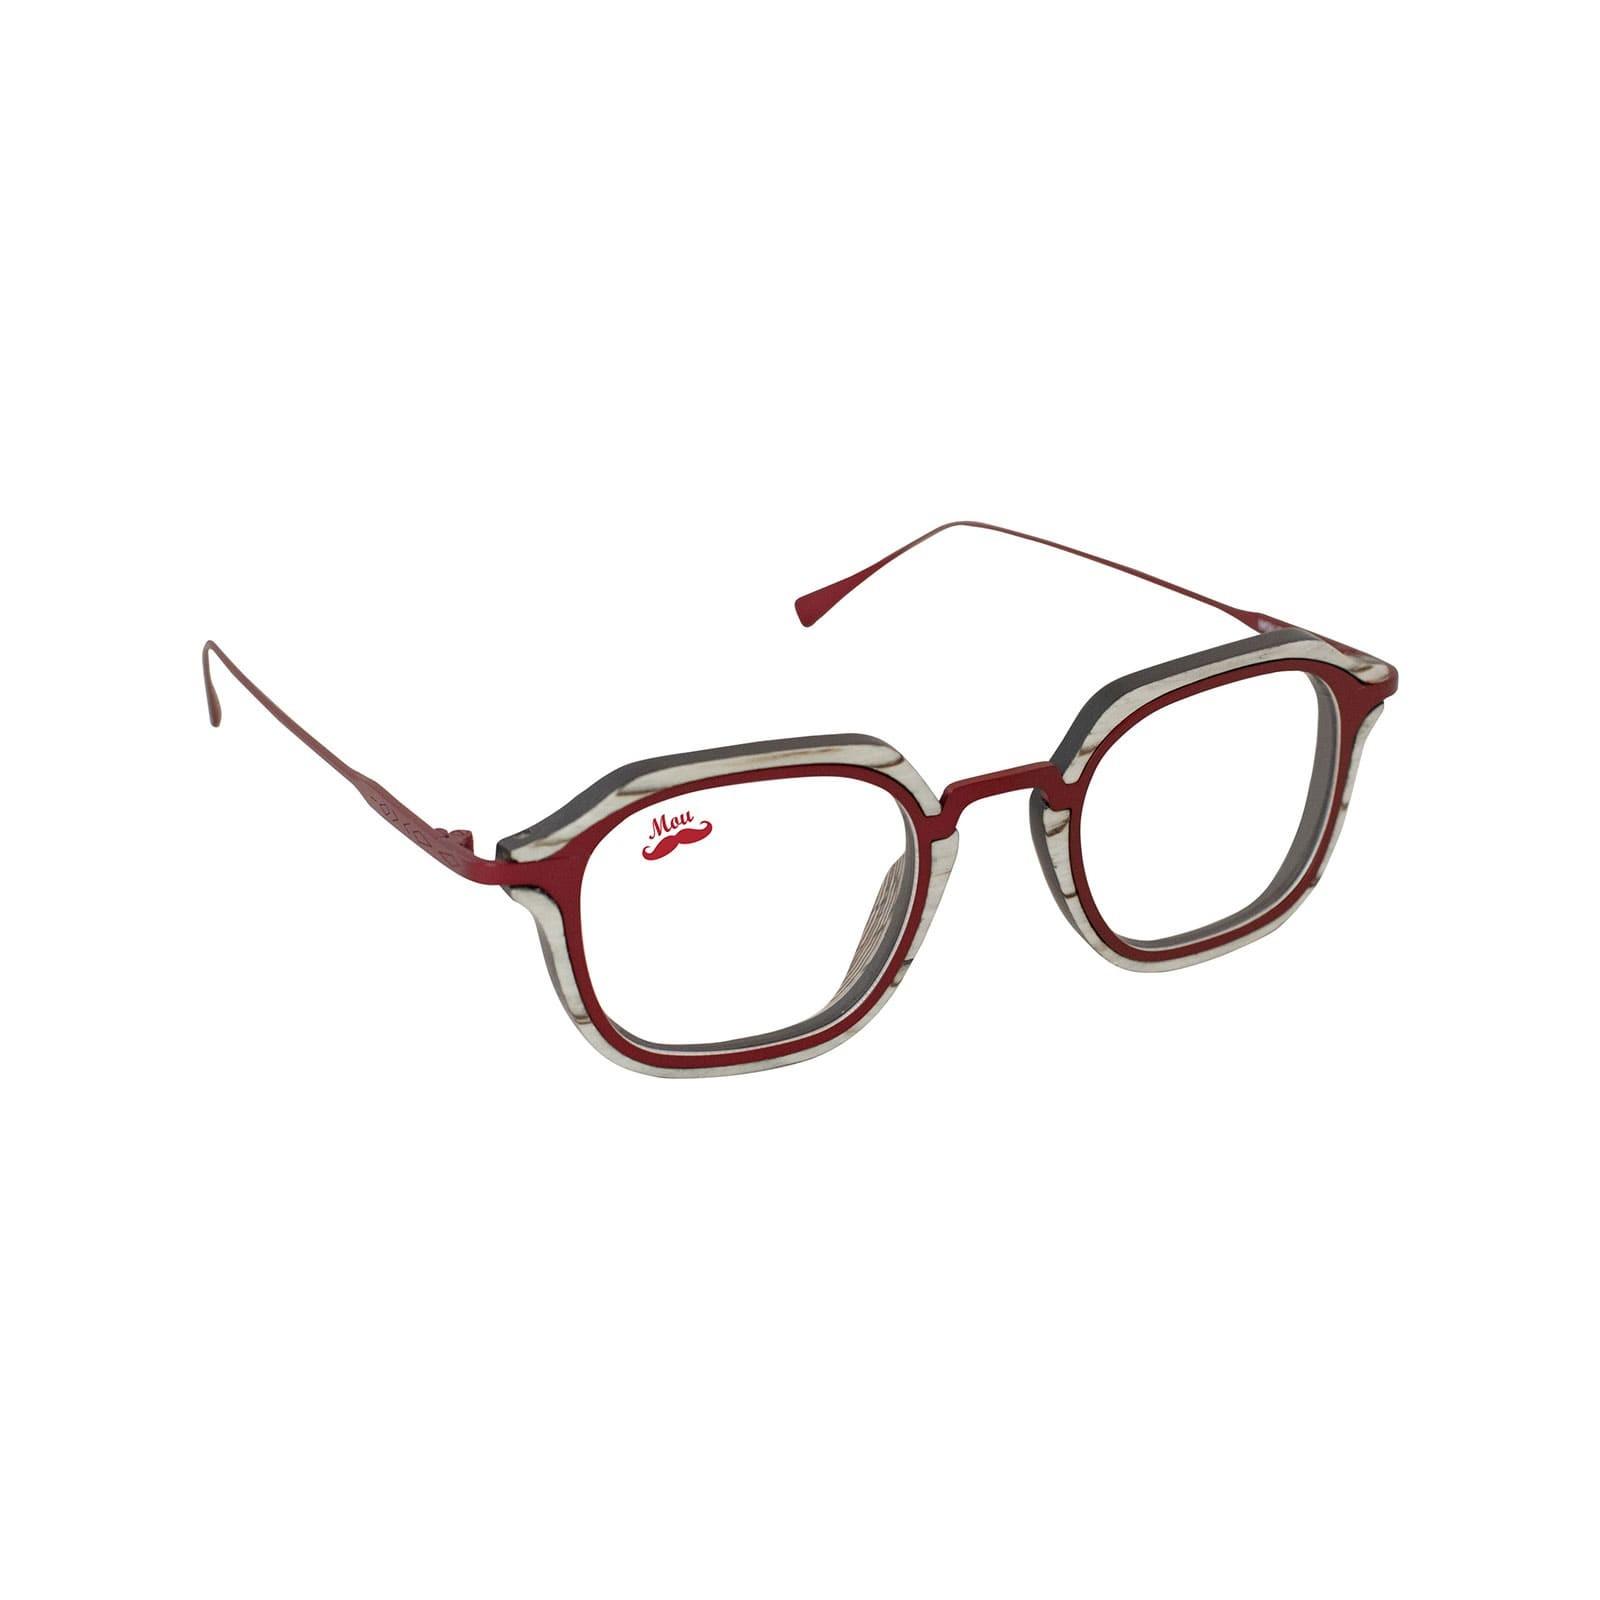 Lunettes en bois et titane rouge - modèle optique Zerua EDEN COLLECTION